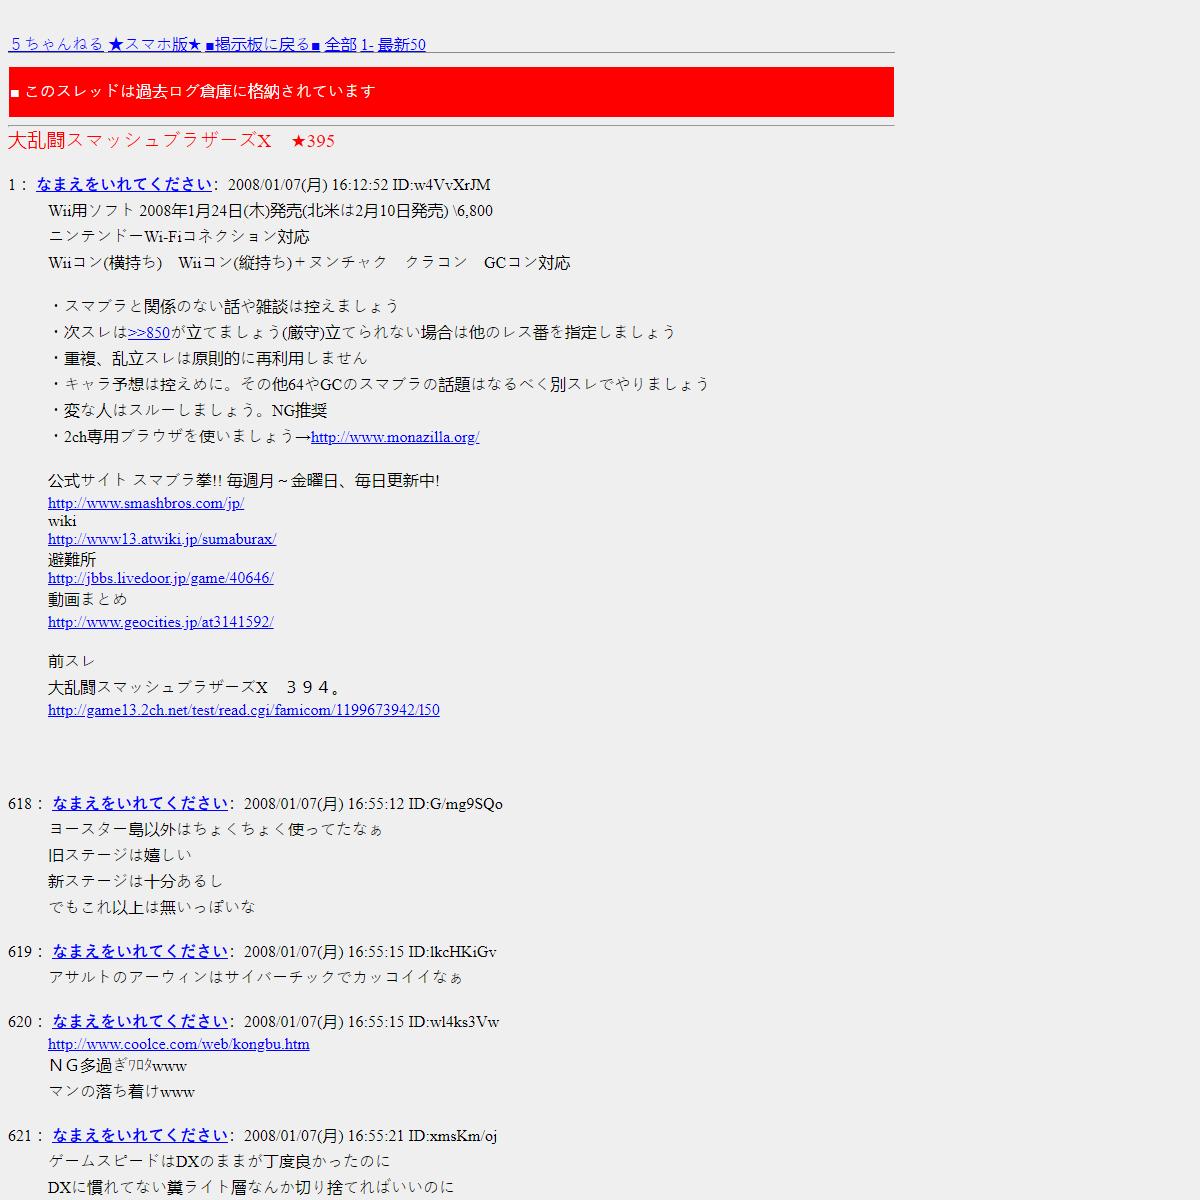 大乱闘スマッシュブラザーズX ★395